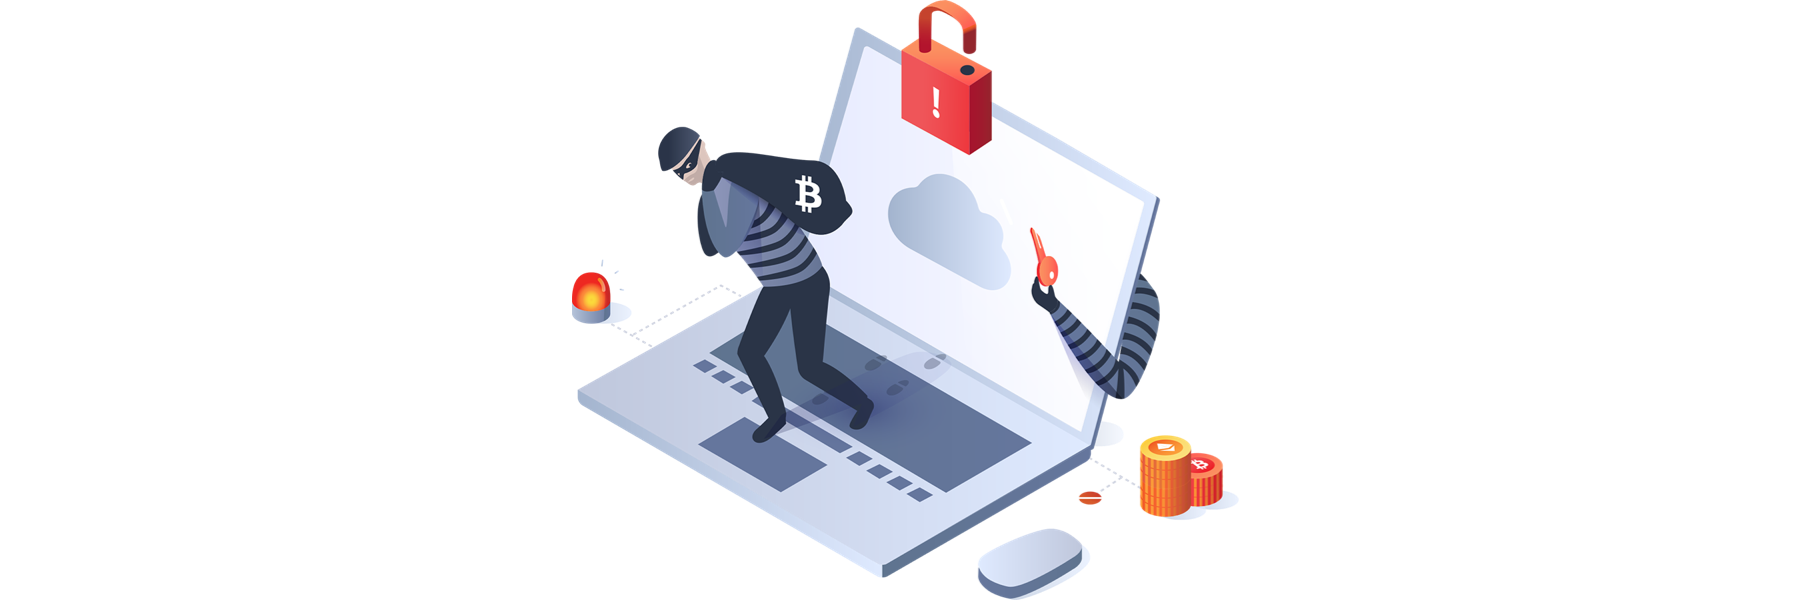 Crypto hacks history